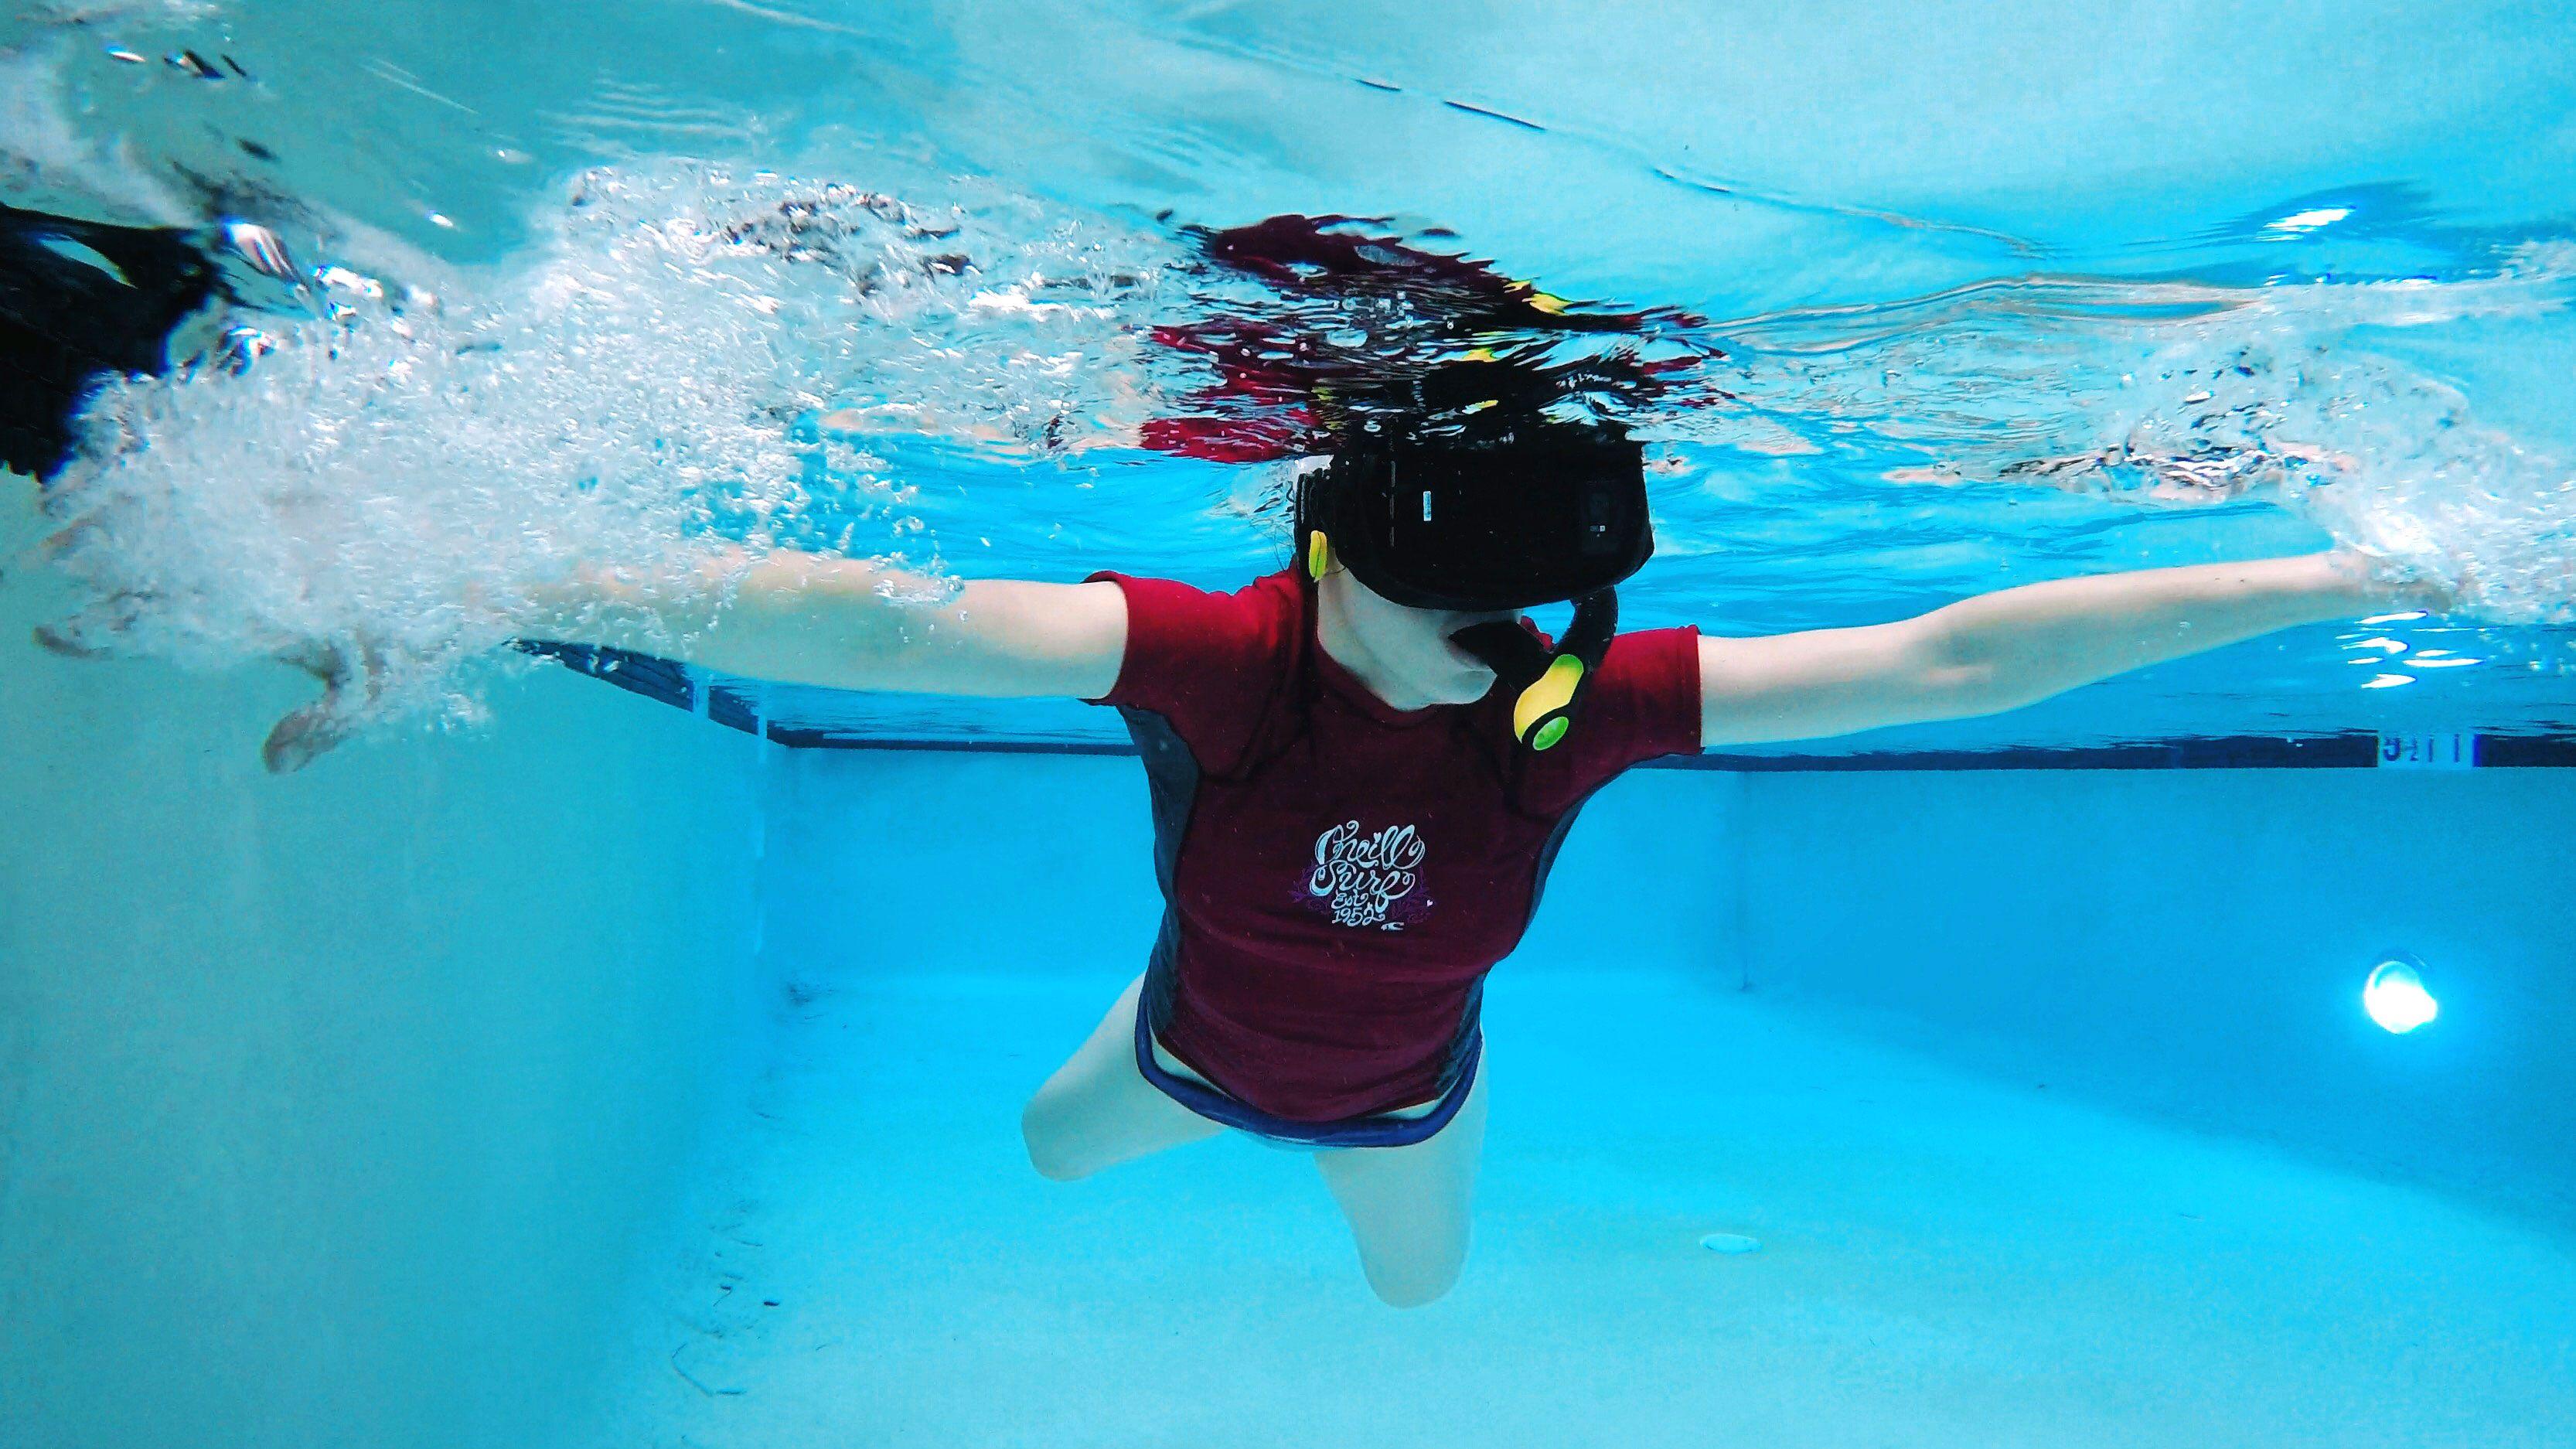 水中のVR体験は 意外に楽しい☺☺☺